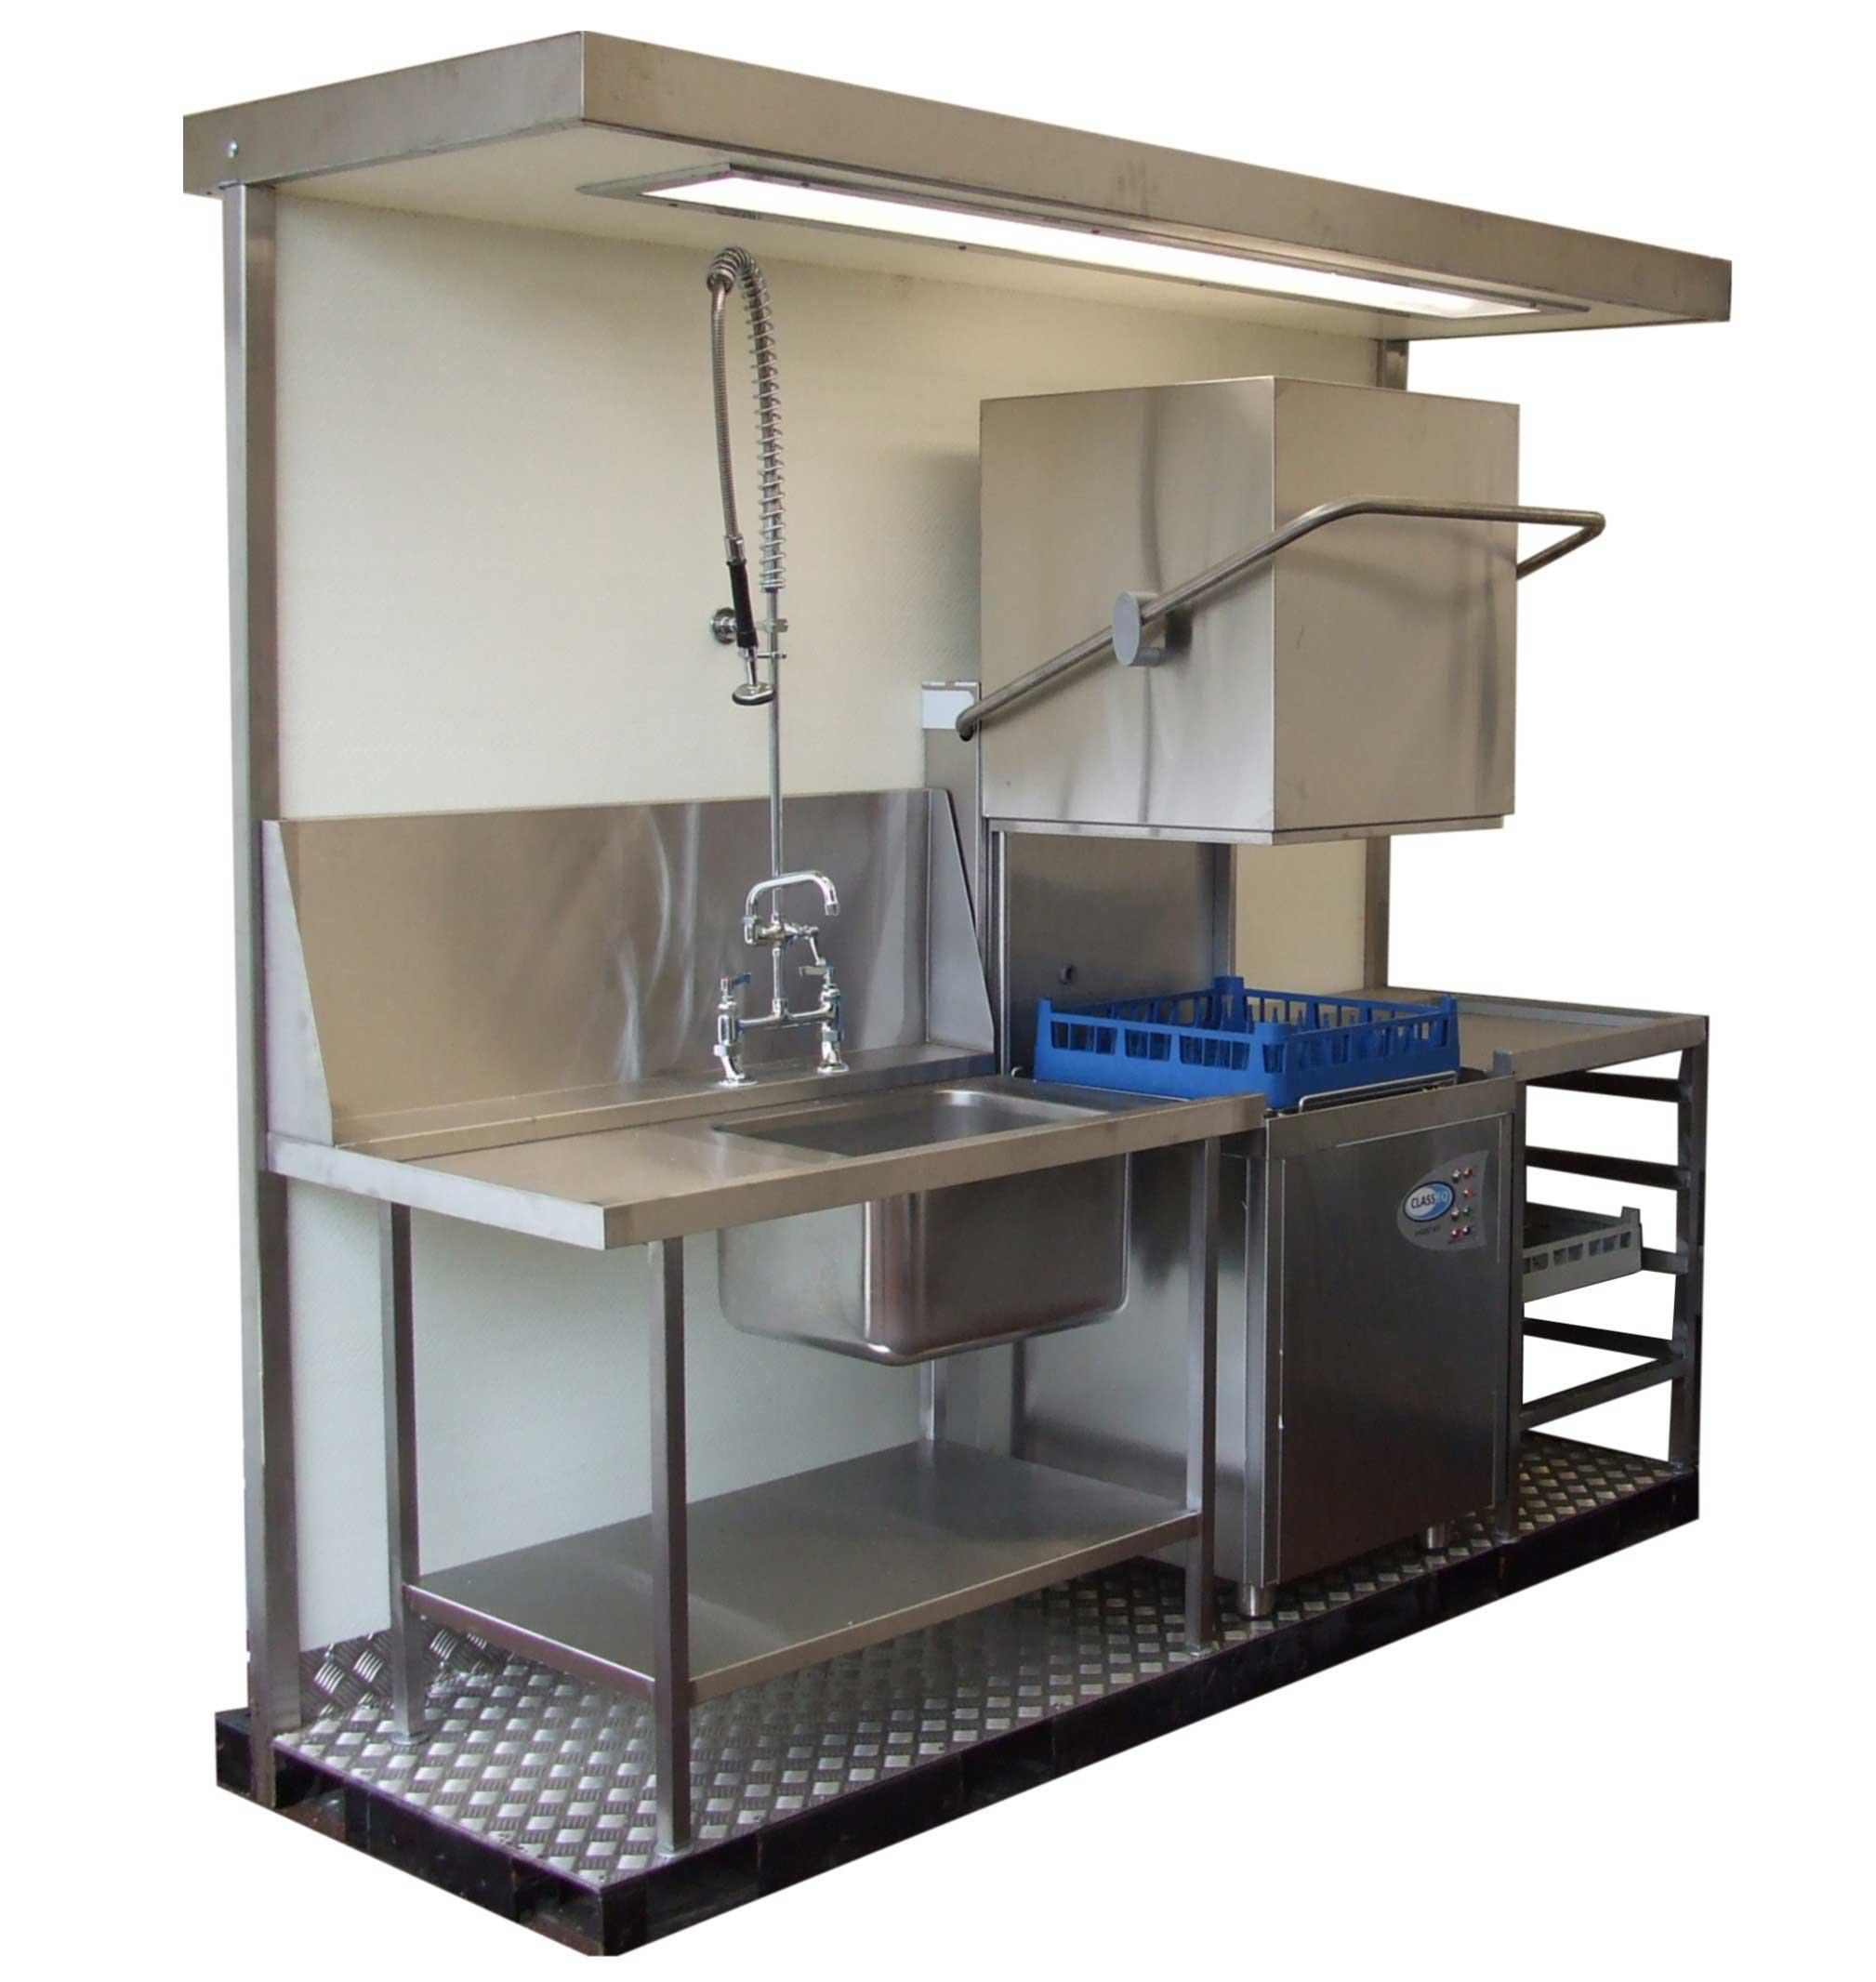 restaurant dishwasher machine rental